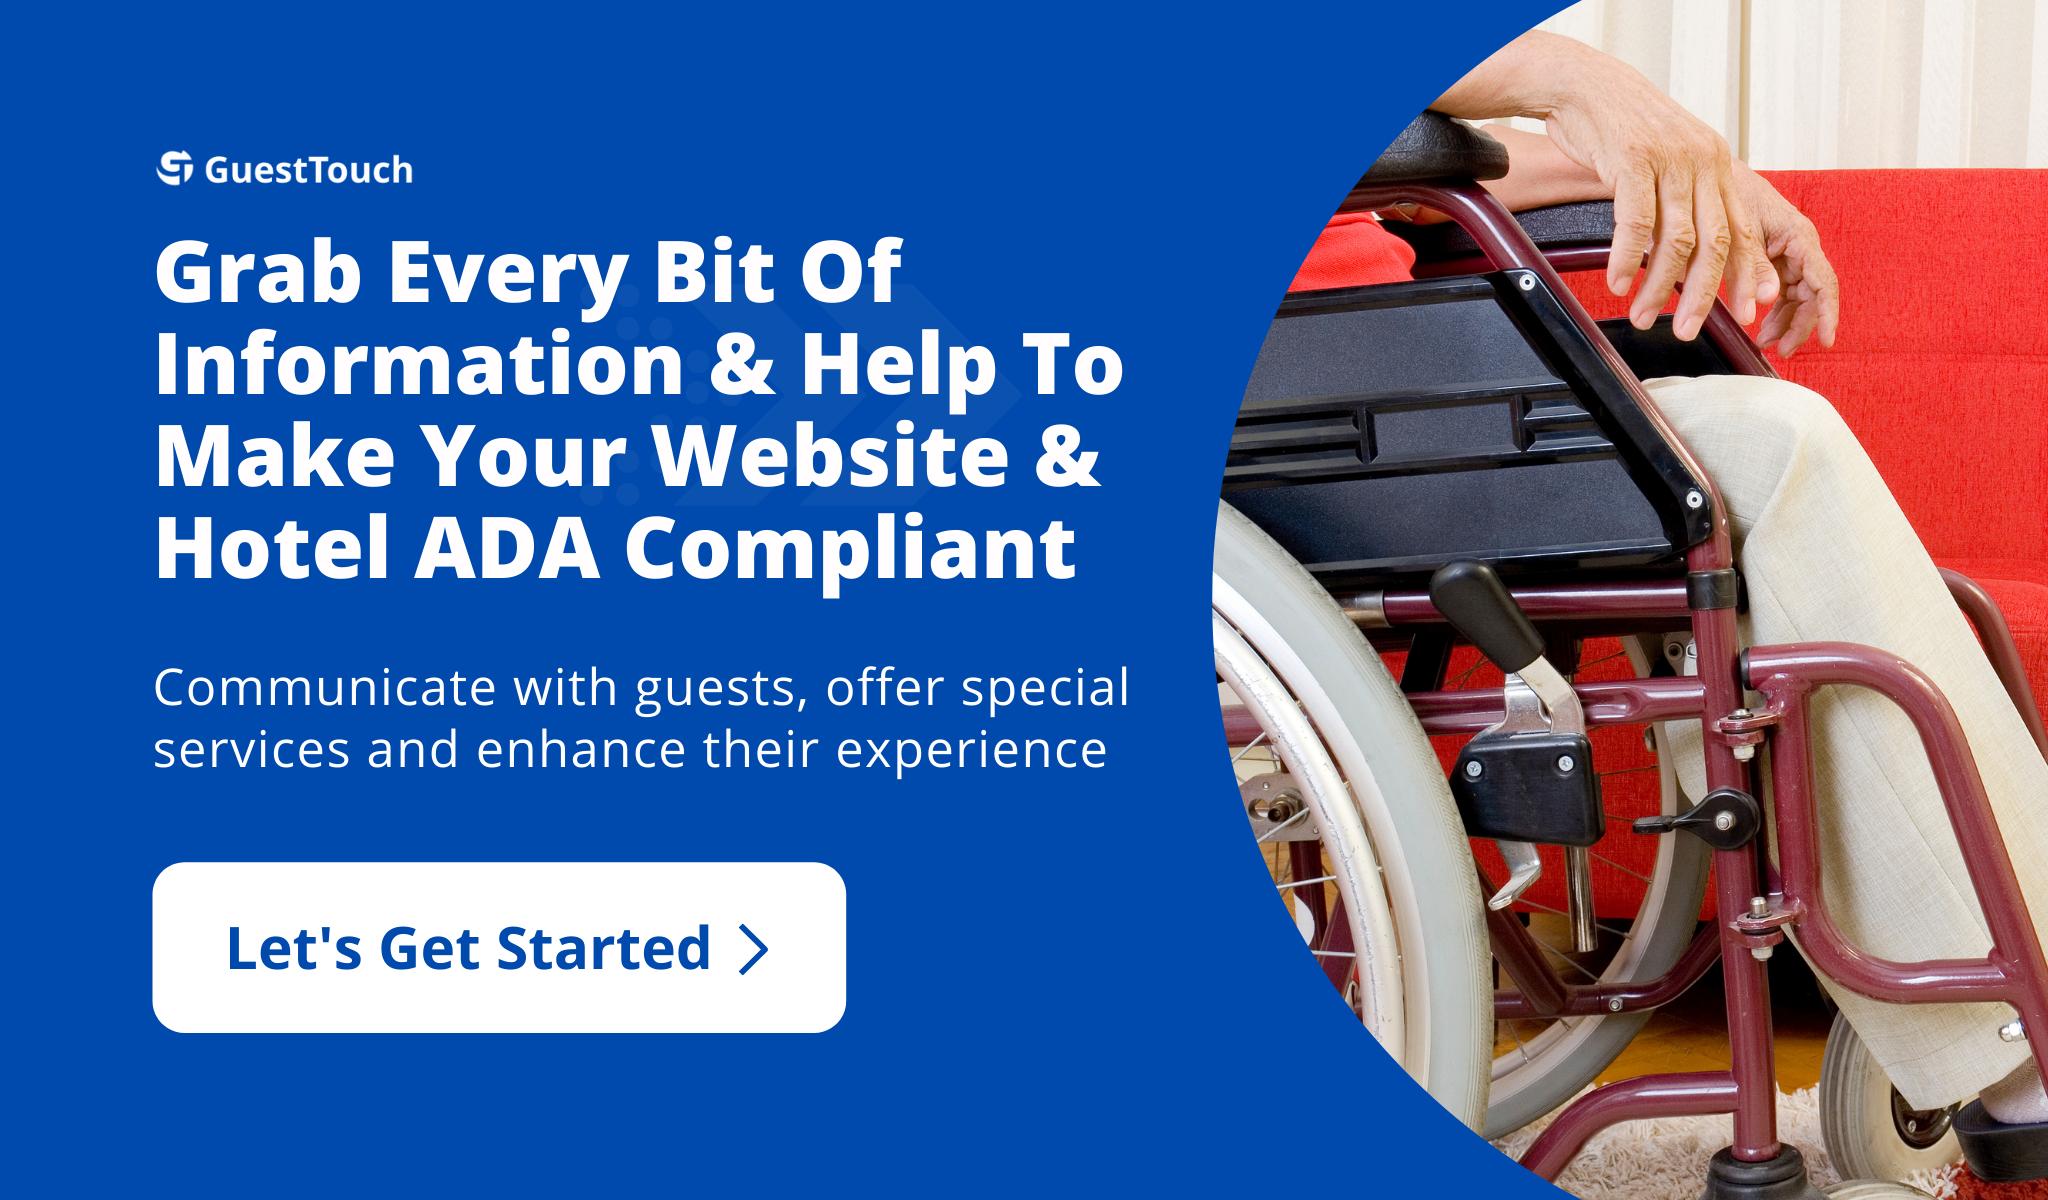 ADA Compliance desktop CTA